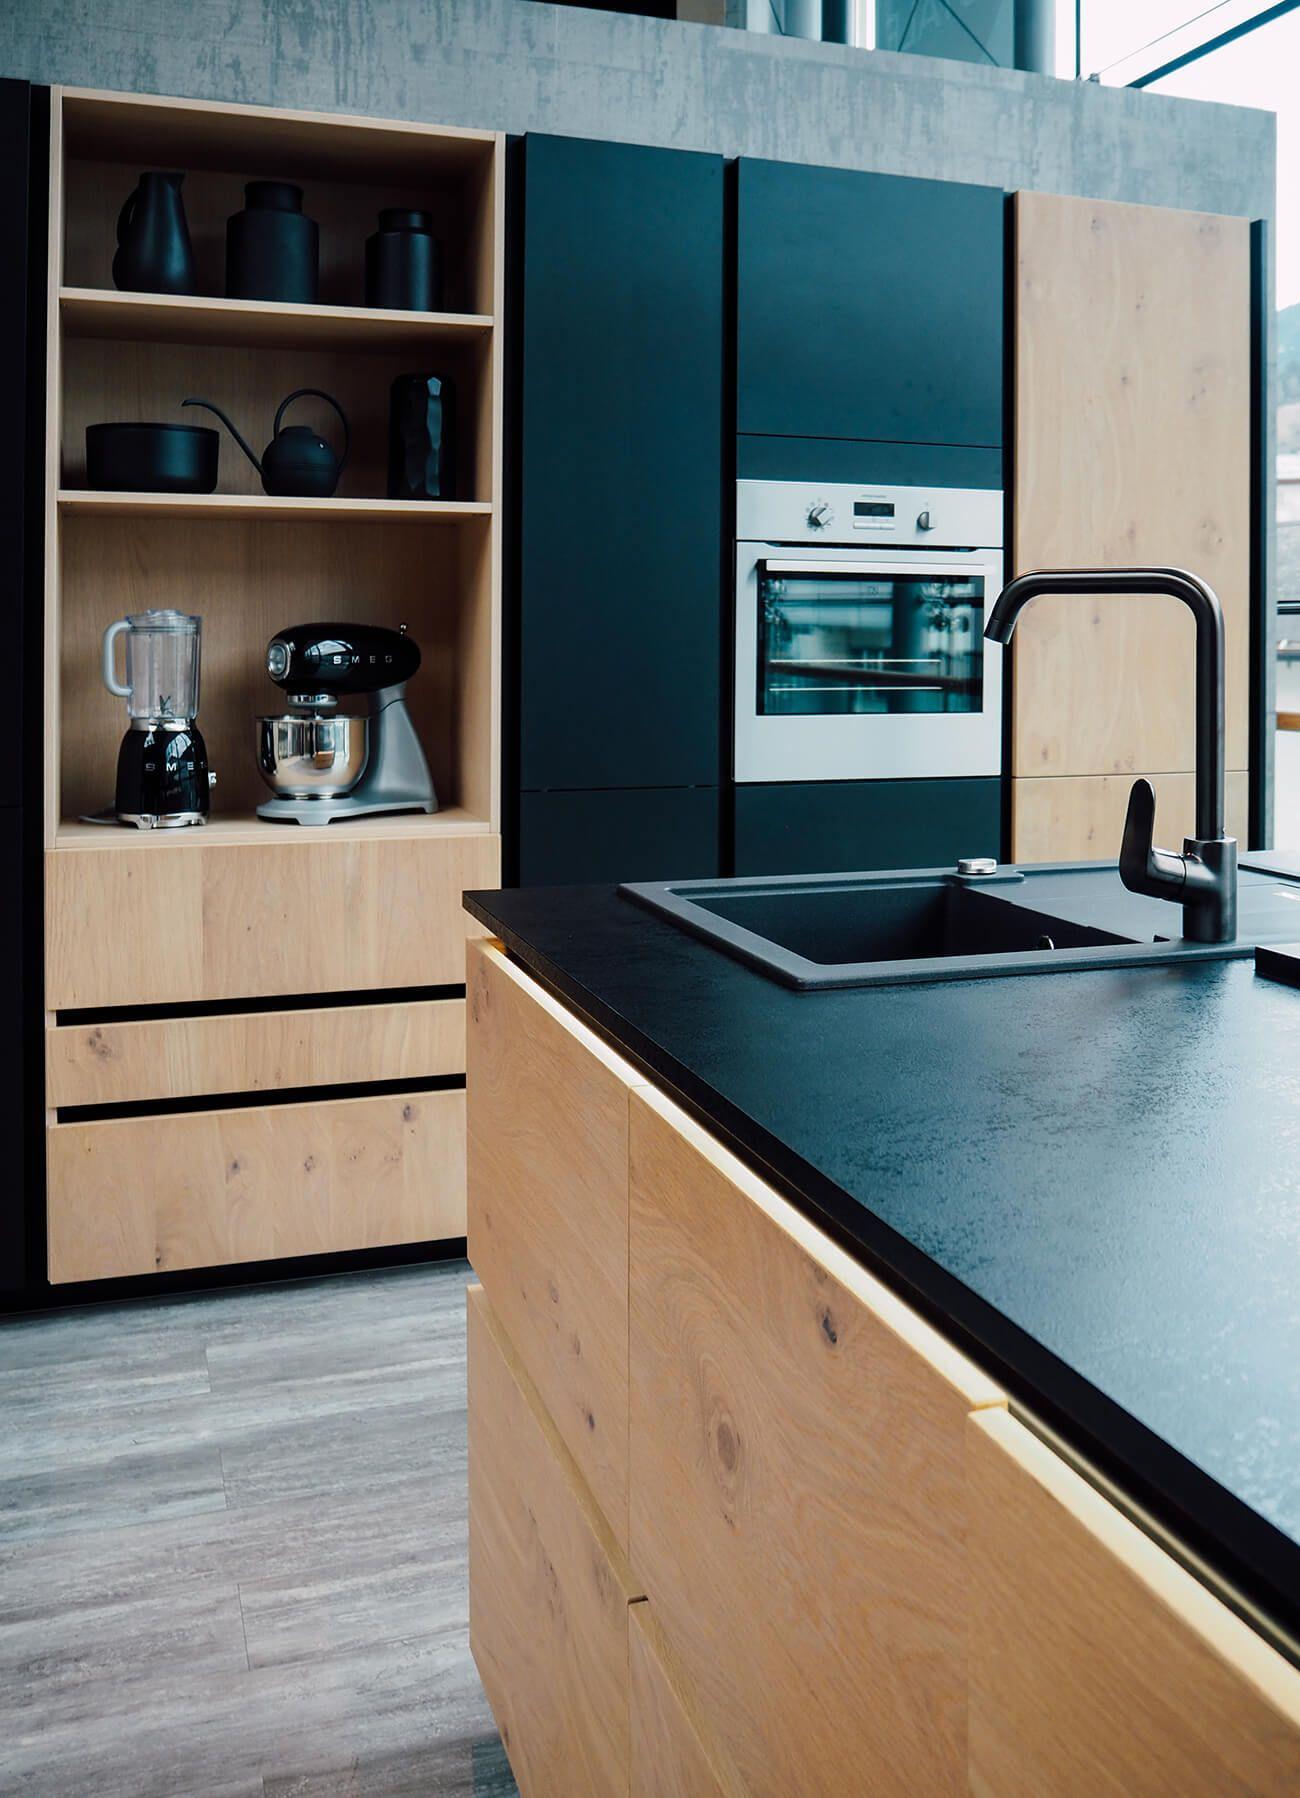 les règles de base dans l'aménagement d'une cuisine (frenchy fancy